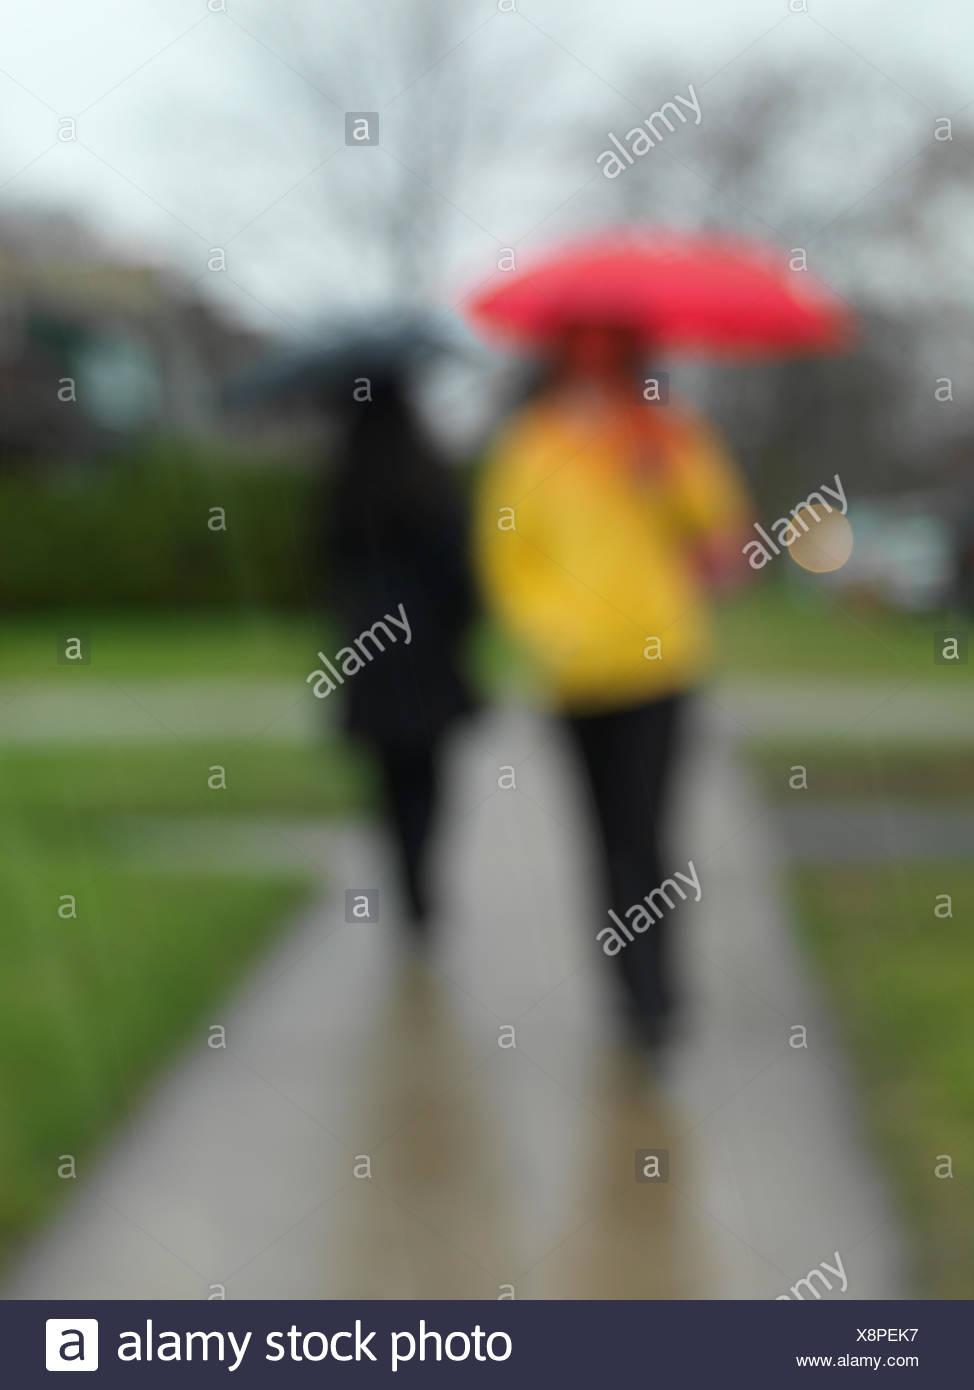 Menschen mit Regenschirmen auf einem Bürgersteig in der Regen verwischt Stockfoto